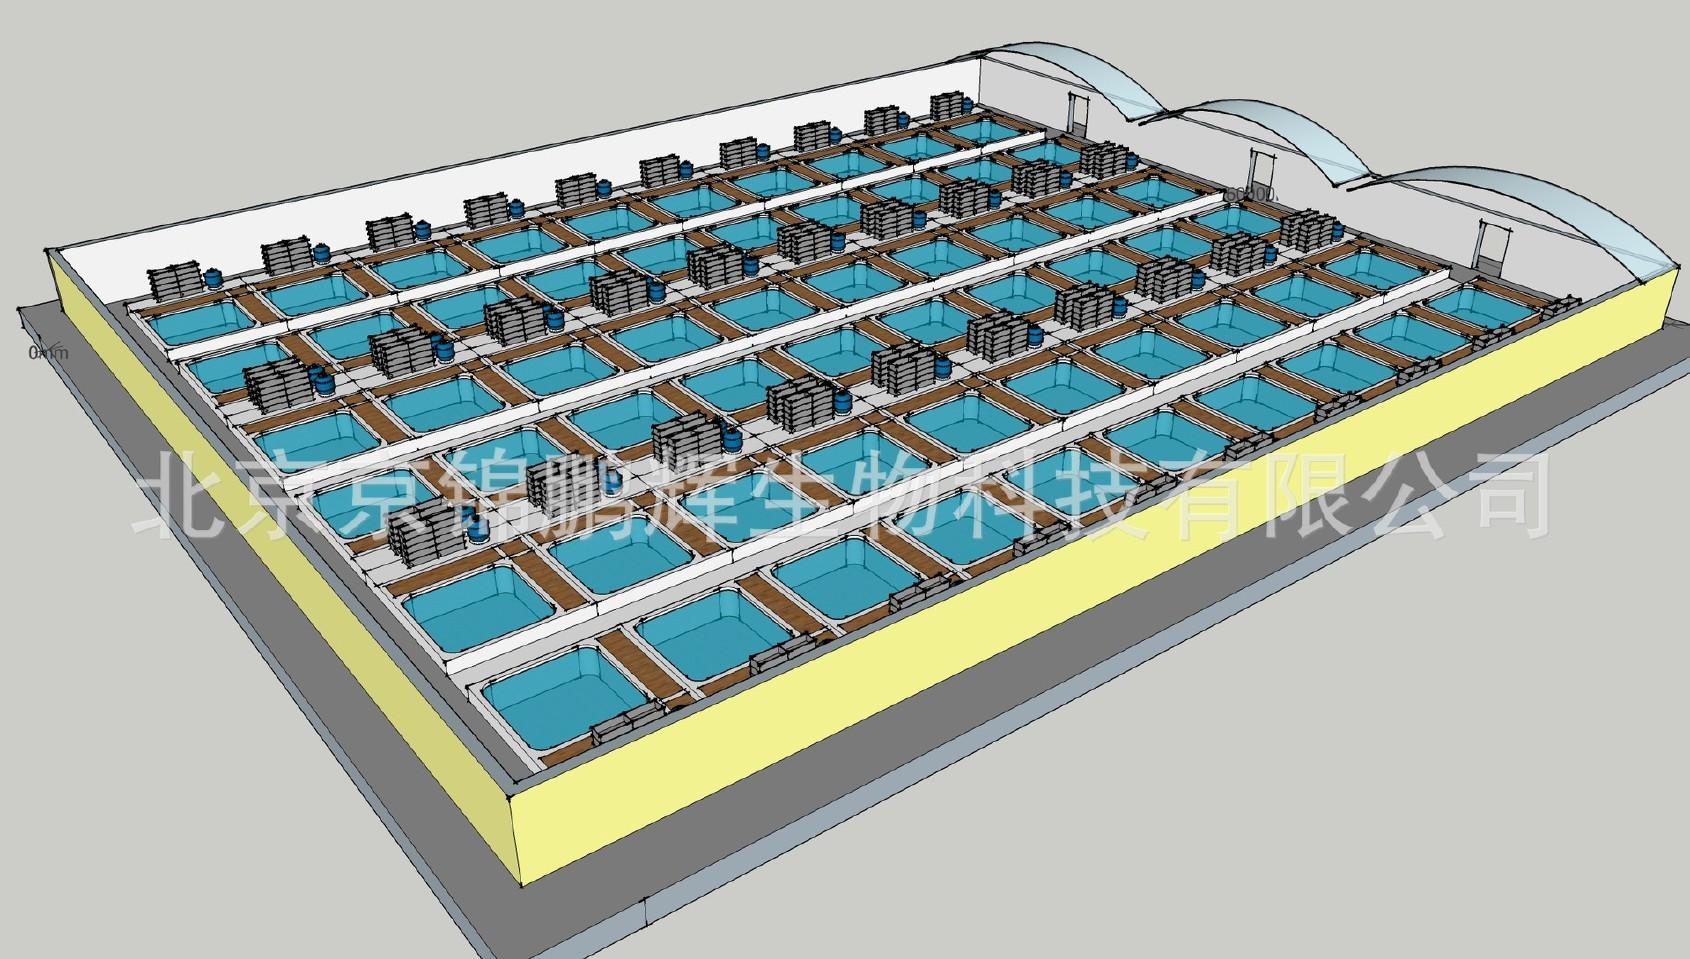 天津北京整体鱼池锦鲤景区世界v整体建造别墅我庭院豪华别墅的种子图片